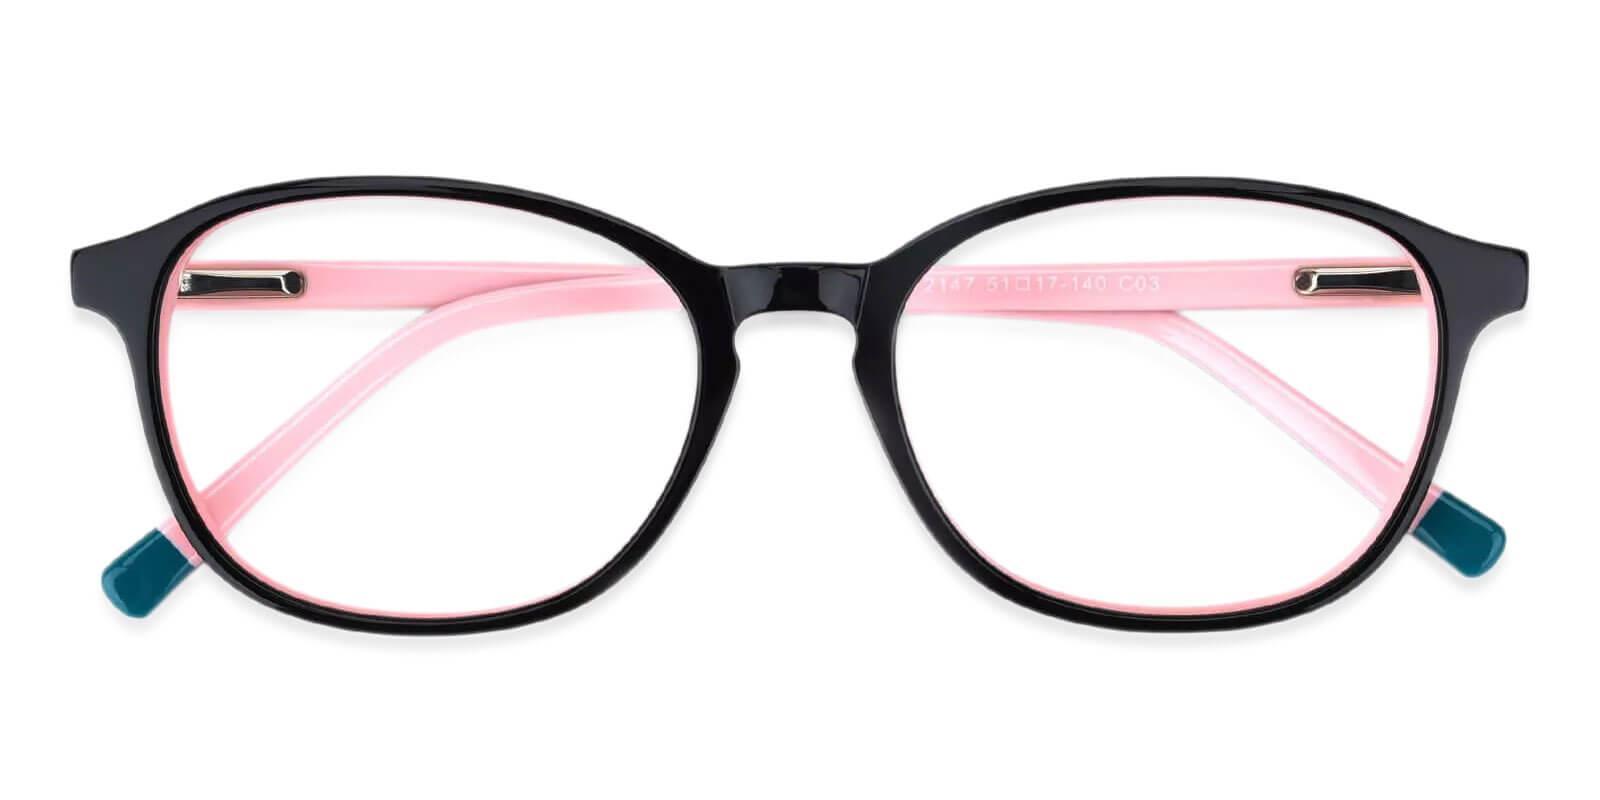 Fogelsville Pink Acetate Eyeglasses , SpringHinges , UniversalBridgeFit Frames from ABBE Glasses